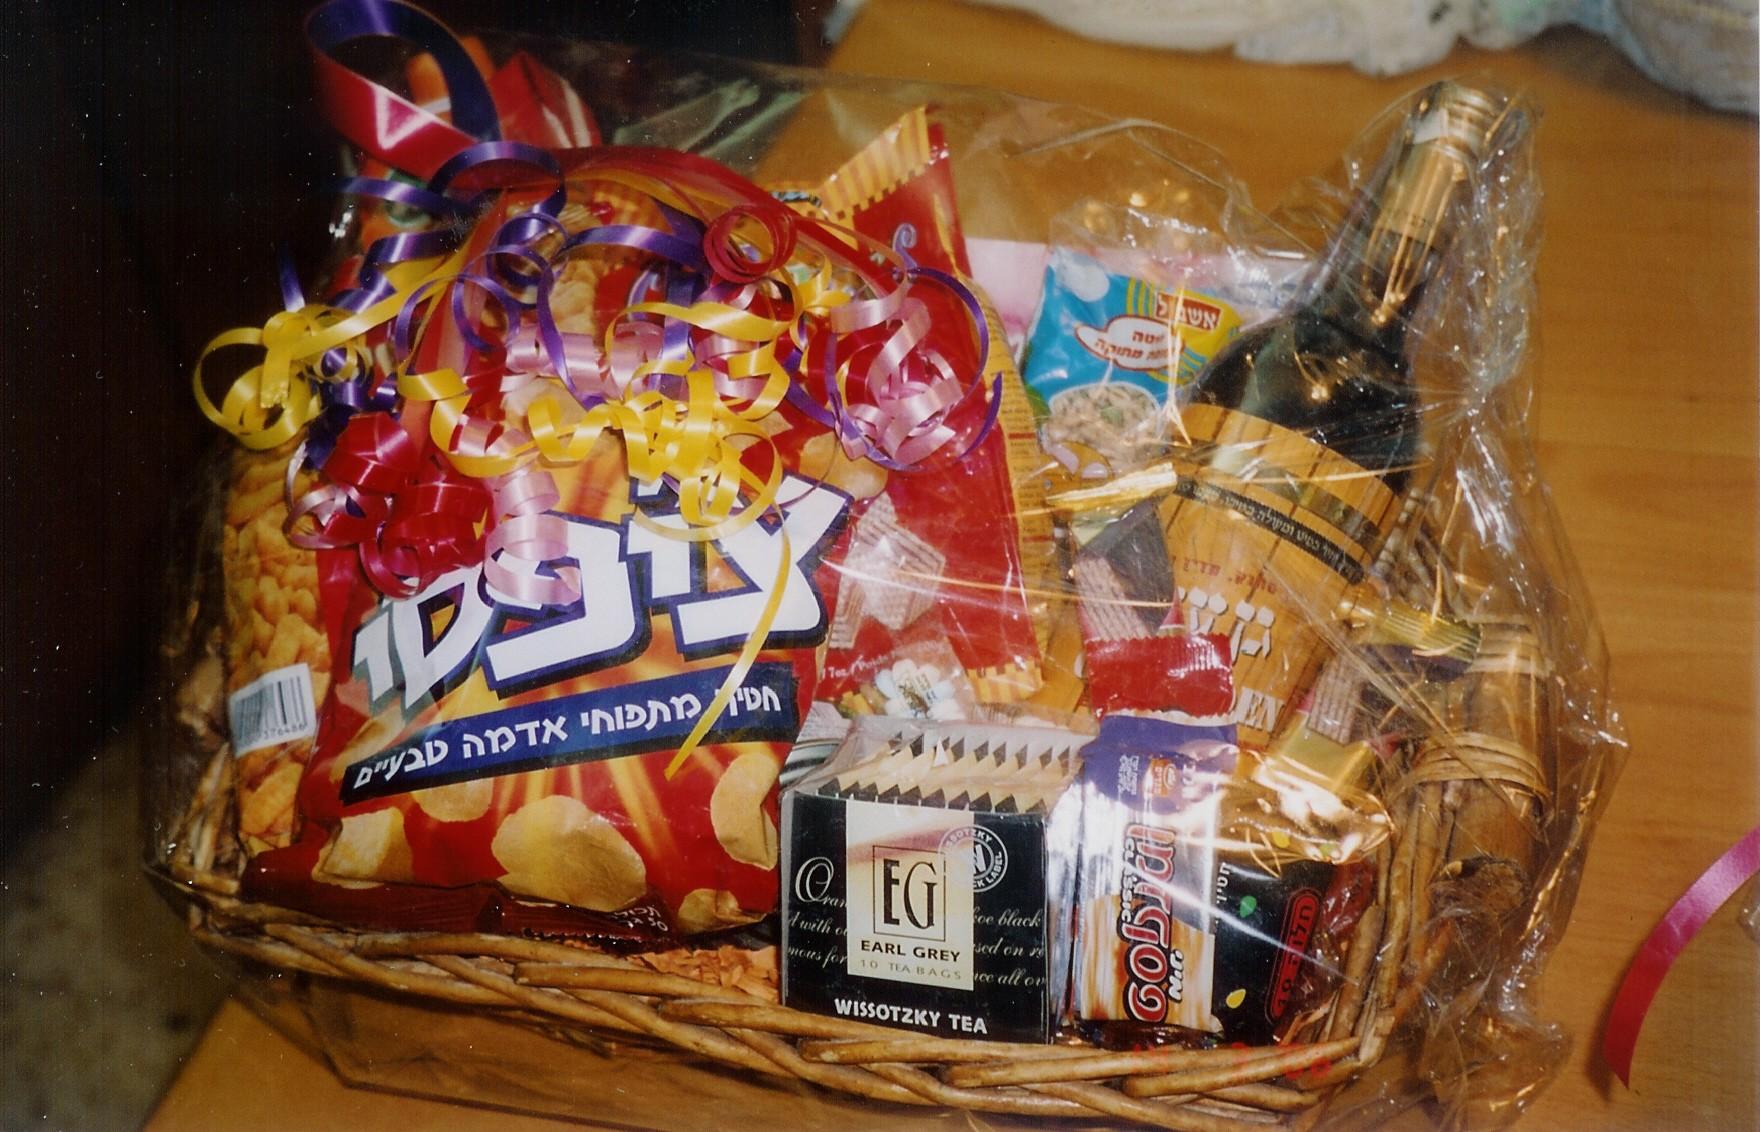 上图:普珥篮子(Mishloach manot,Purim basket),是犹太人在普珥节送人的礼物,至少要包括两种基本的食物或饮料。每一个行过成人礼( Bar and Bat Mitzvah)的犹太人都要在普珥节那天向一个以上的人送一份包含两种不同食物的礼物。